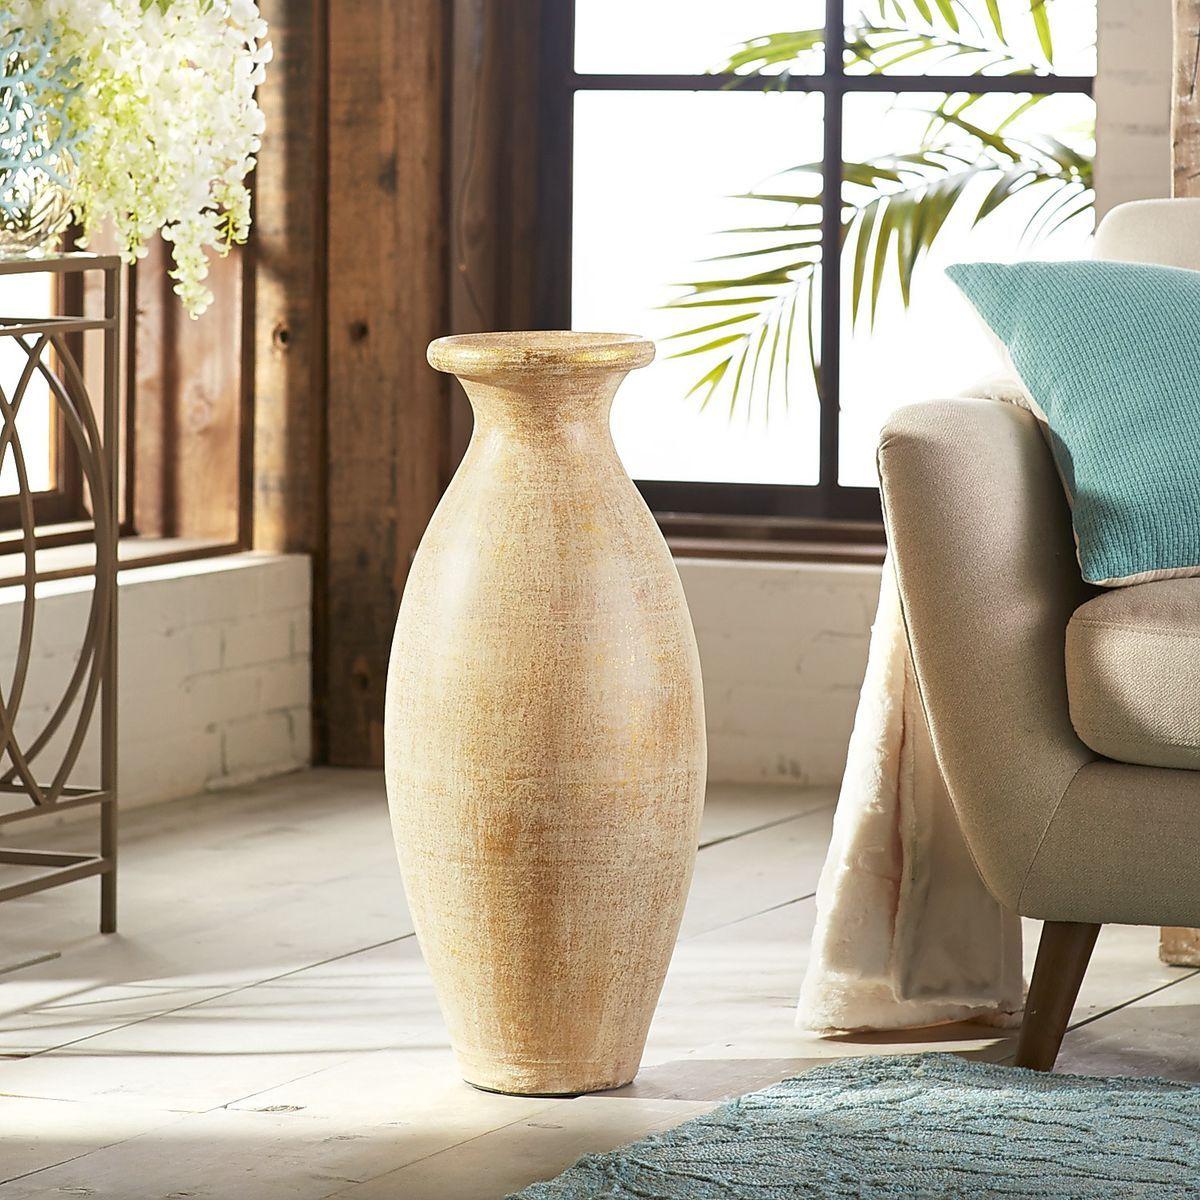 Golden patina cream terracotta floor vase pier 1 imports pier golden patina cream terracotta floor vase pier 1 imports floridaeventfo Choice Image